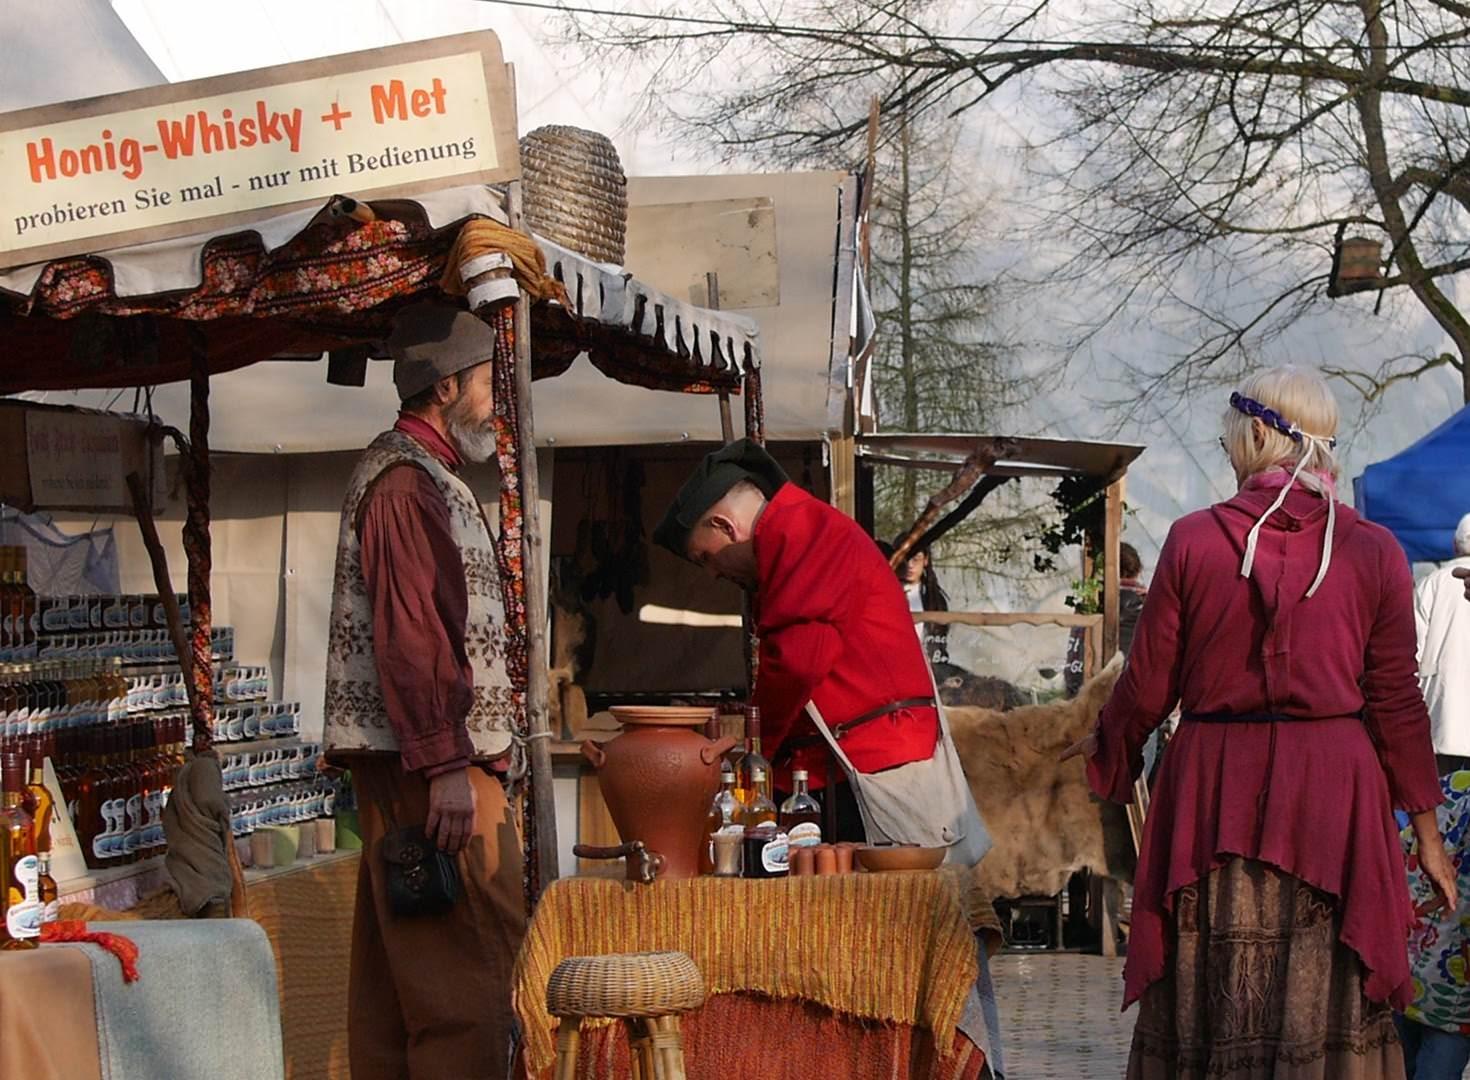 Mittelaltermarkt im Herzogenriedpark (Archivbild 2015)   Foto: Neckarstadtblog